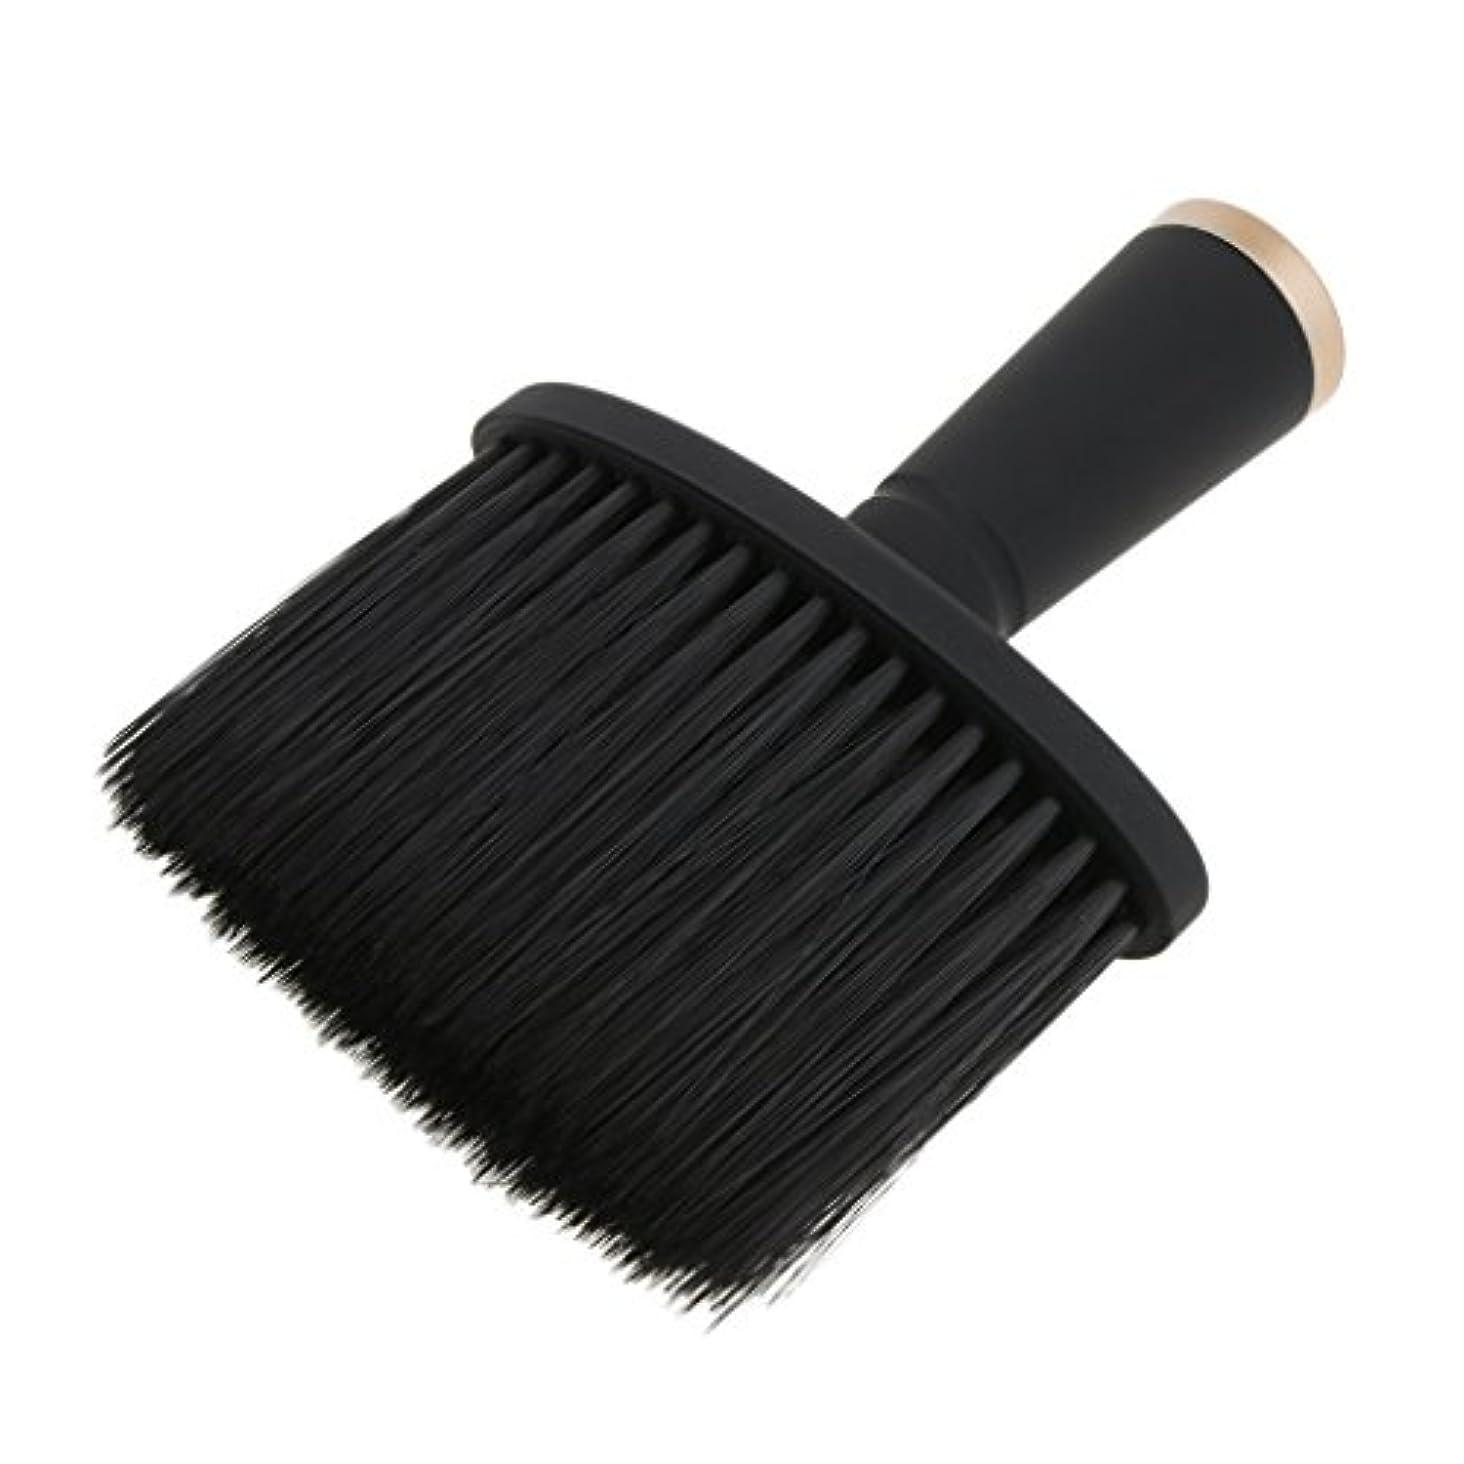 七面鳥旧正月見つけるネックダスターブラシ ヘアカット ヘアブラシ ヘアスタイリスト 理髪 高品質 合成繊維+プラスチック 全2色 - ゴールド